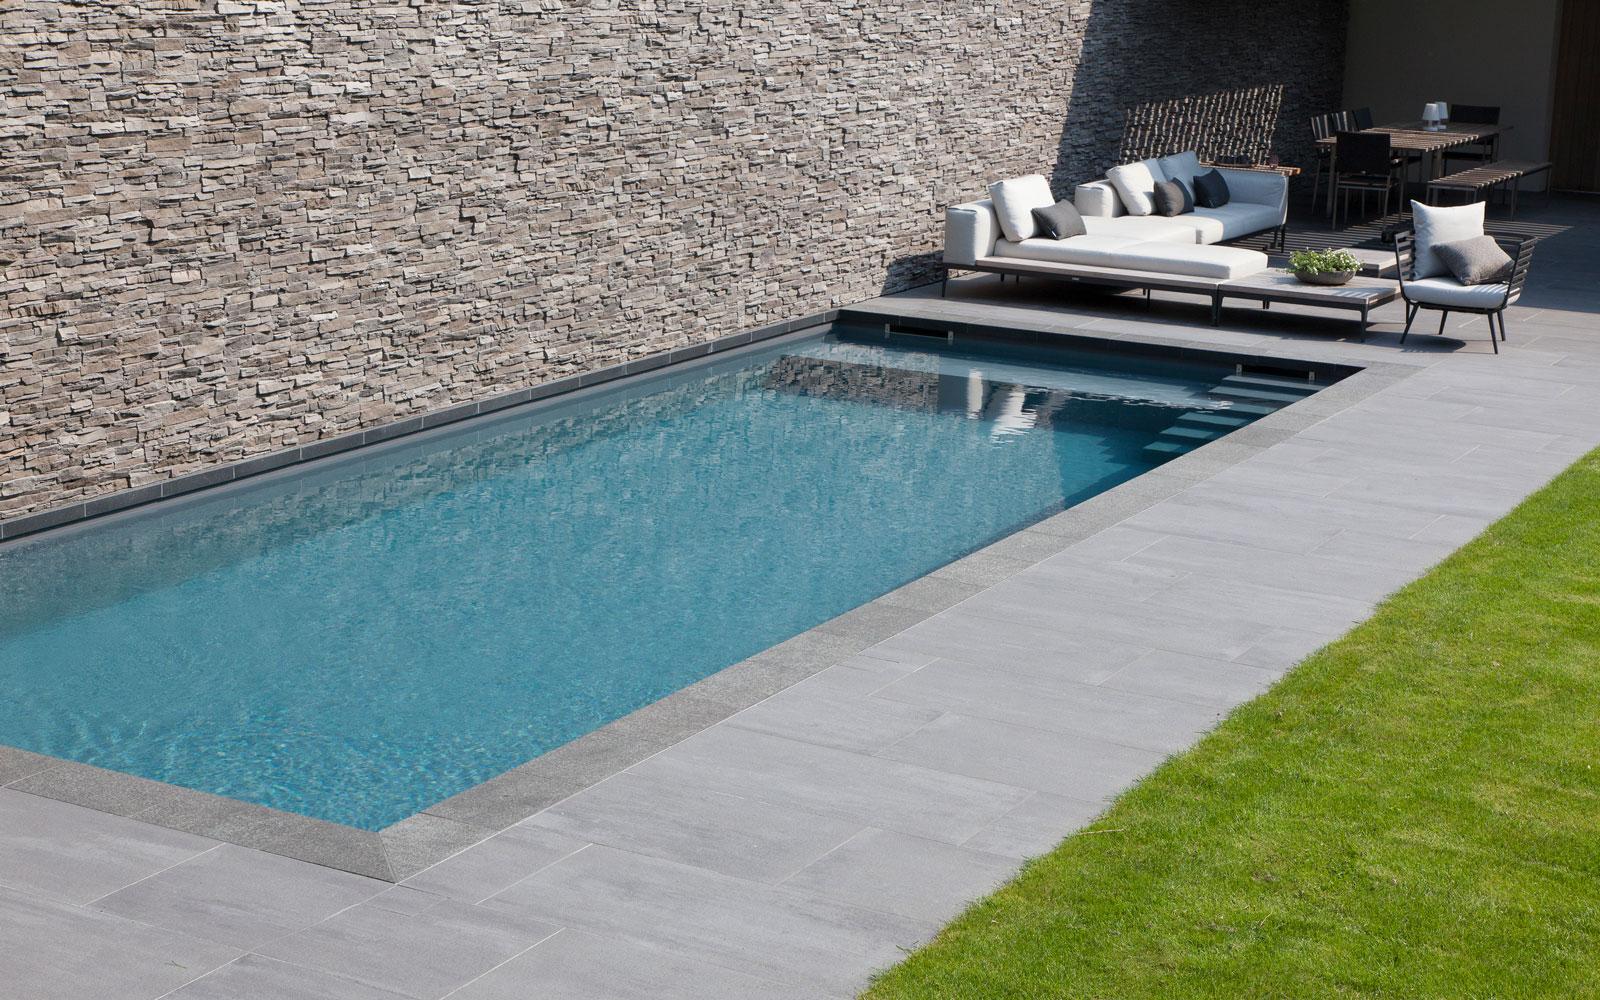 buitenzwembad aan huis, ambiance premium wellness, ambiance, zwembaden, buitenzwembad